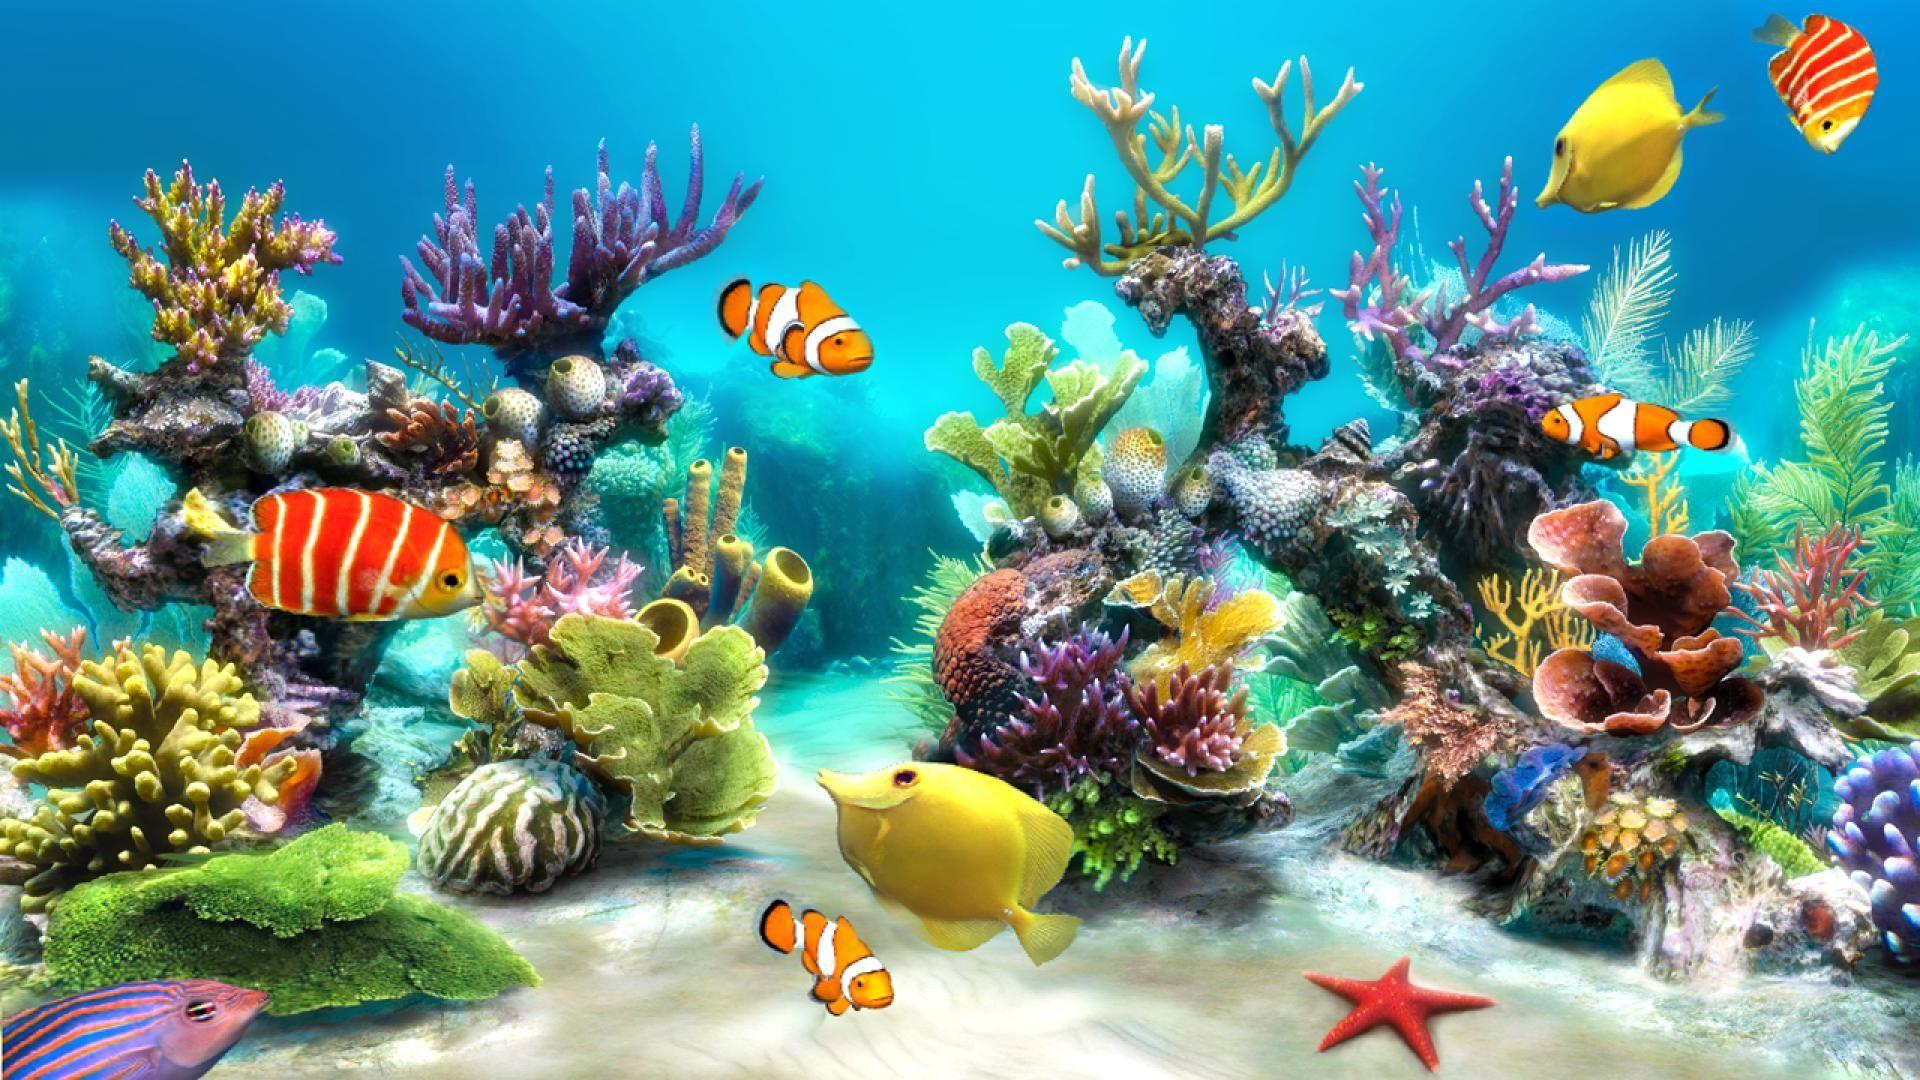 Aquarium Animated Desktop Wallpaper Download : Fish tank wallpaper for windows  10